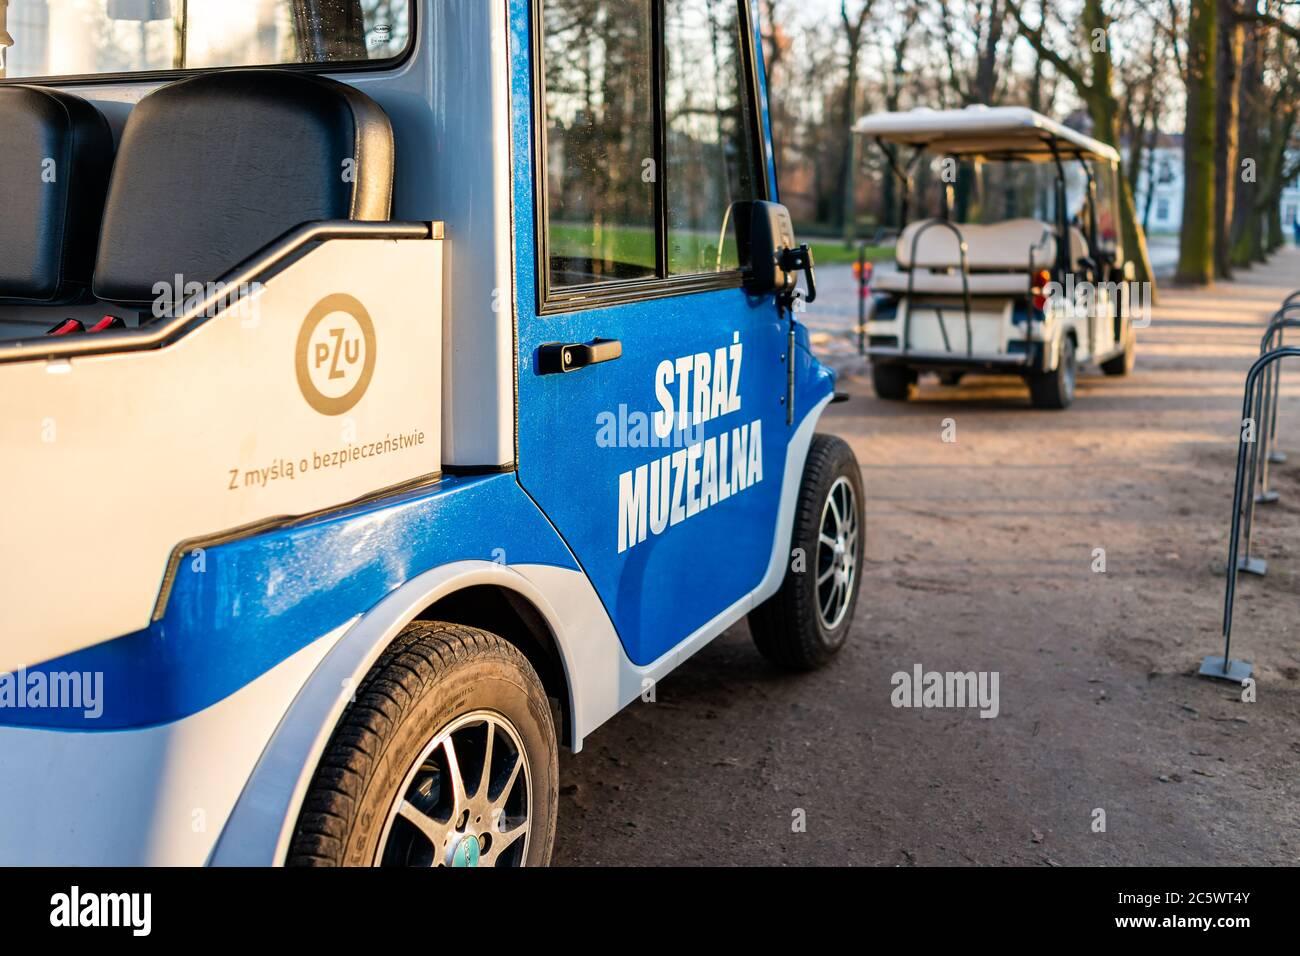 Varsovie, Pologne - 20 décembre 2019: Warszawa Lazienki ou Royal Baths Park avec des gardes de musée sécurité voiturettes de golf voitures signe bleu et personne Banque D'Images